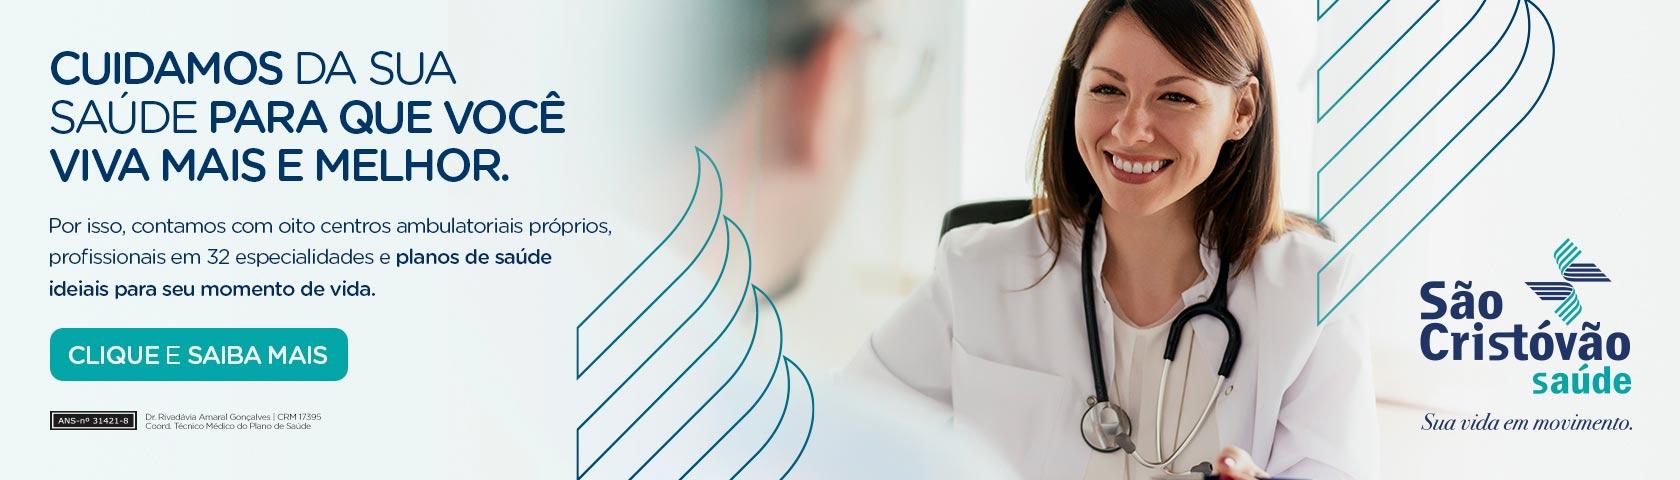 Plataforma Healthcare Management. Ideias, Tendências, Líderes e Práticas 1